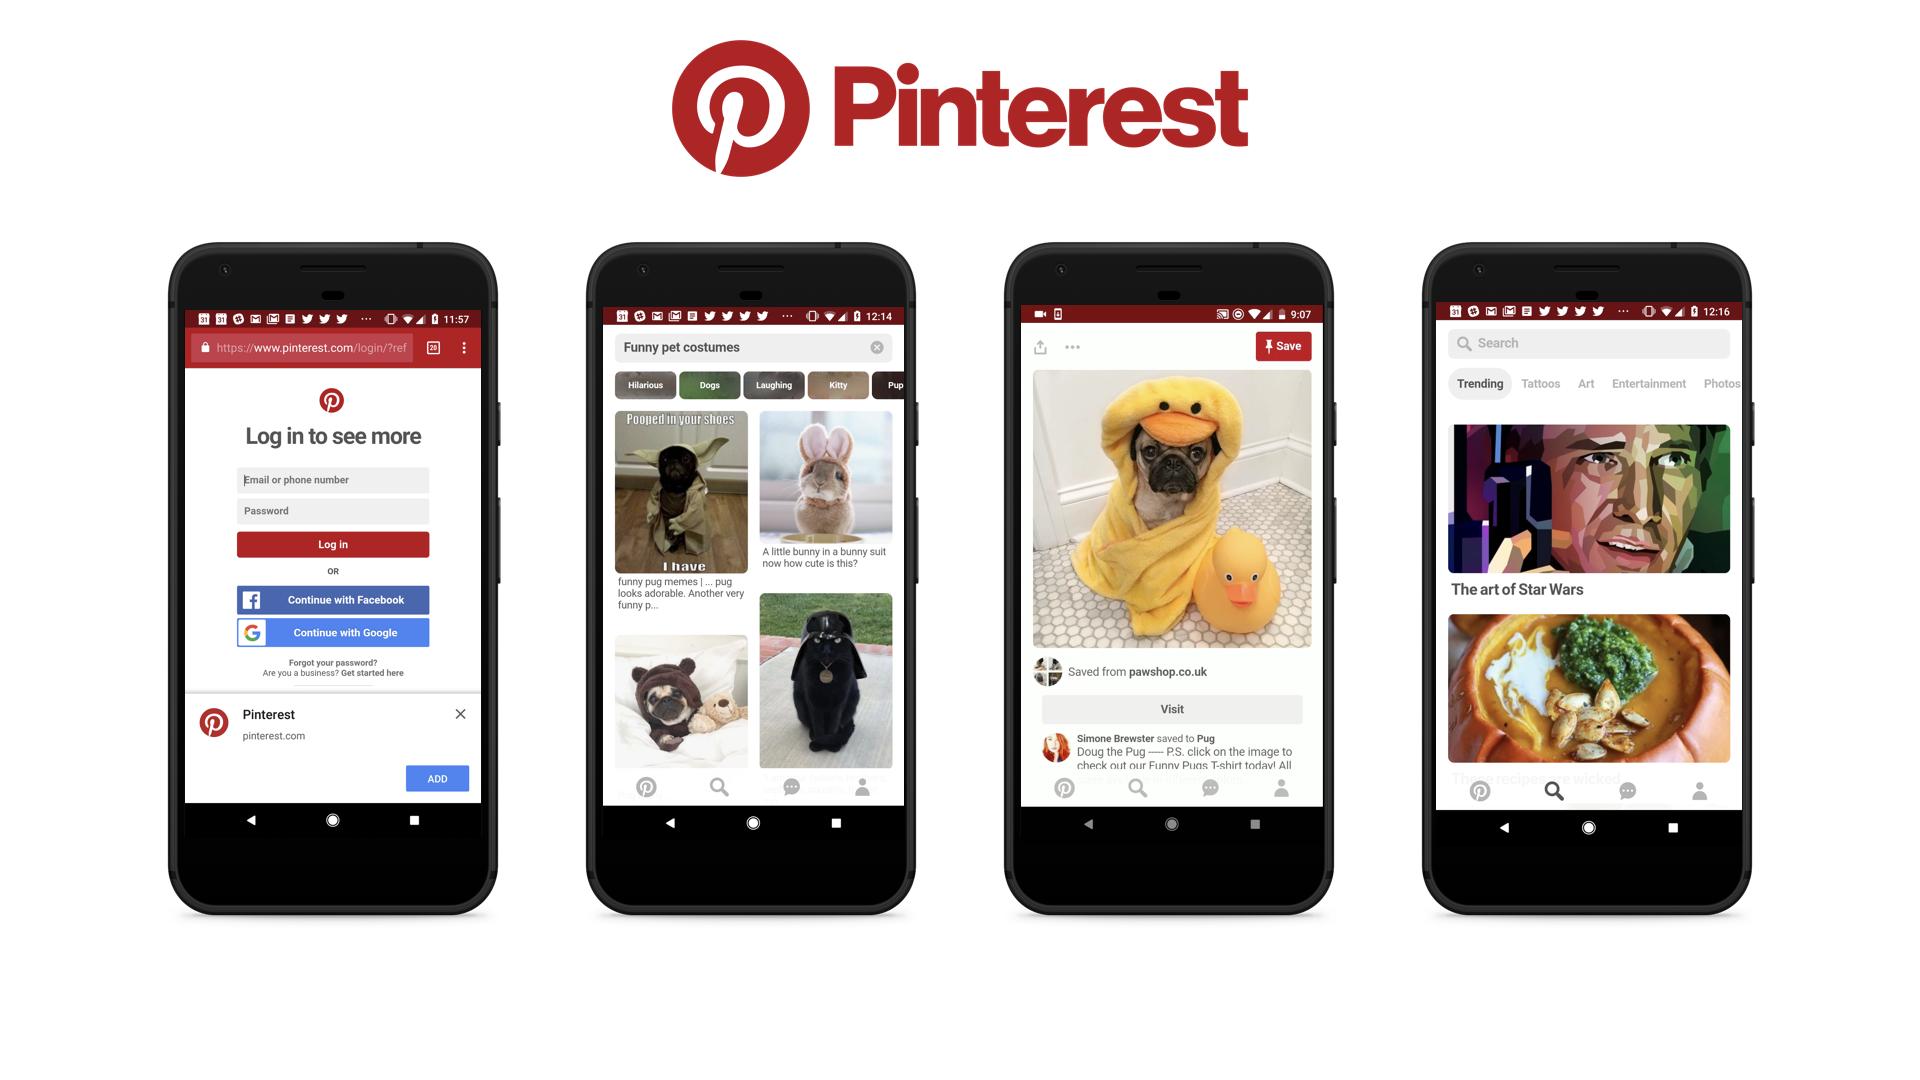 Pinterest - mạng xã hội lớn nhất hiện nay